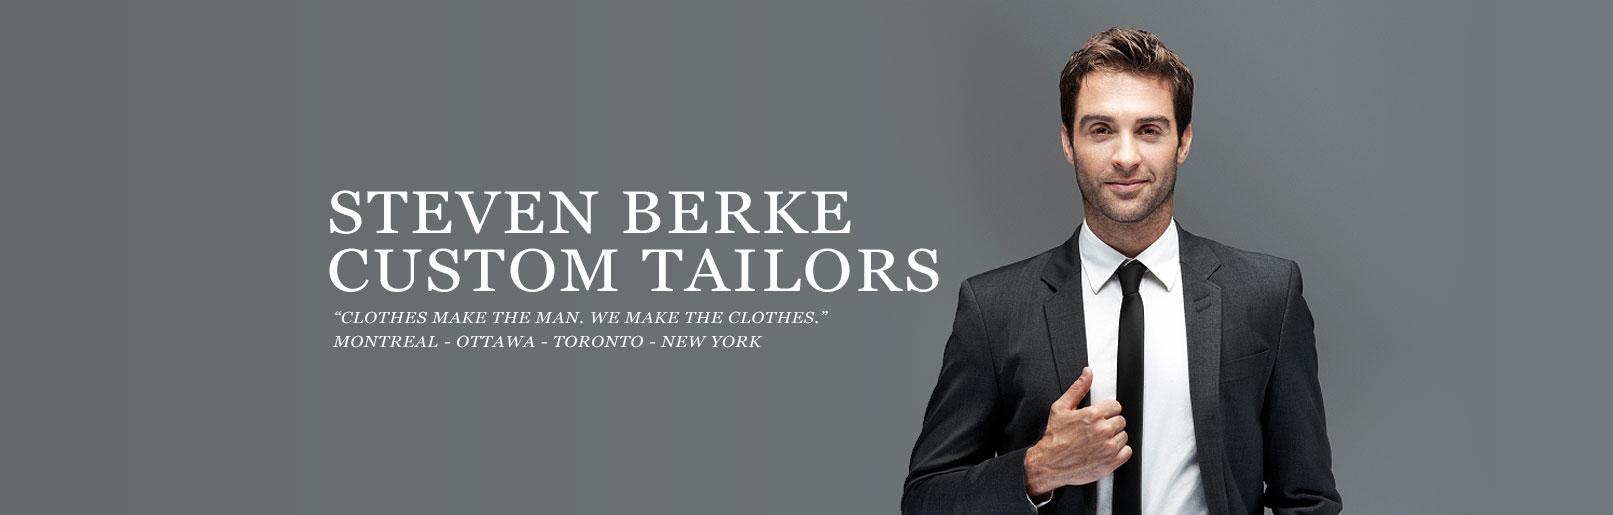 Custom Tailor Steven Berke